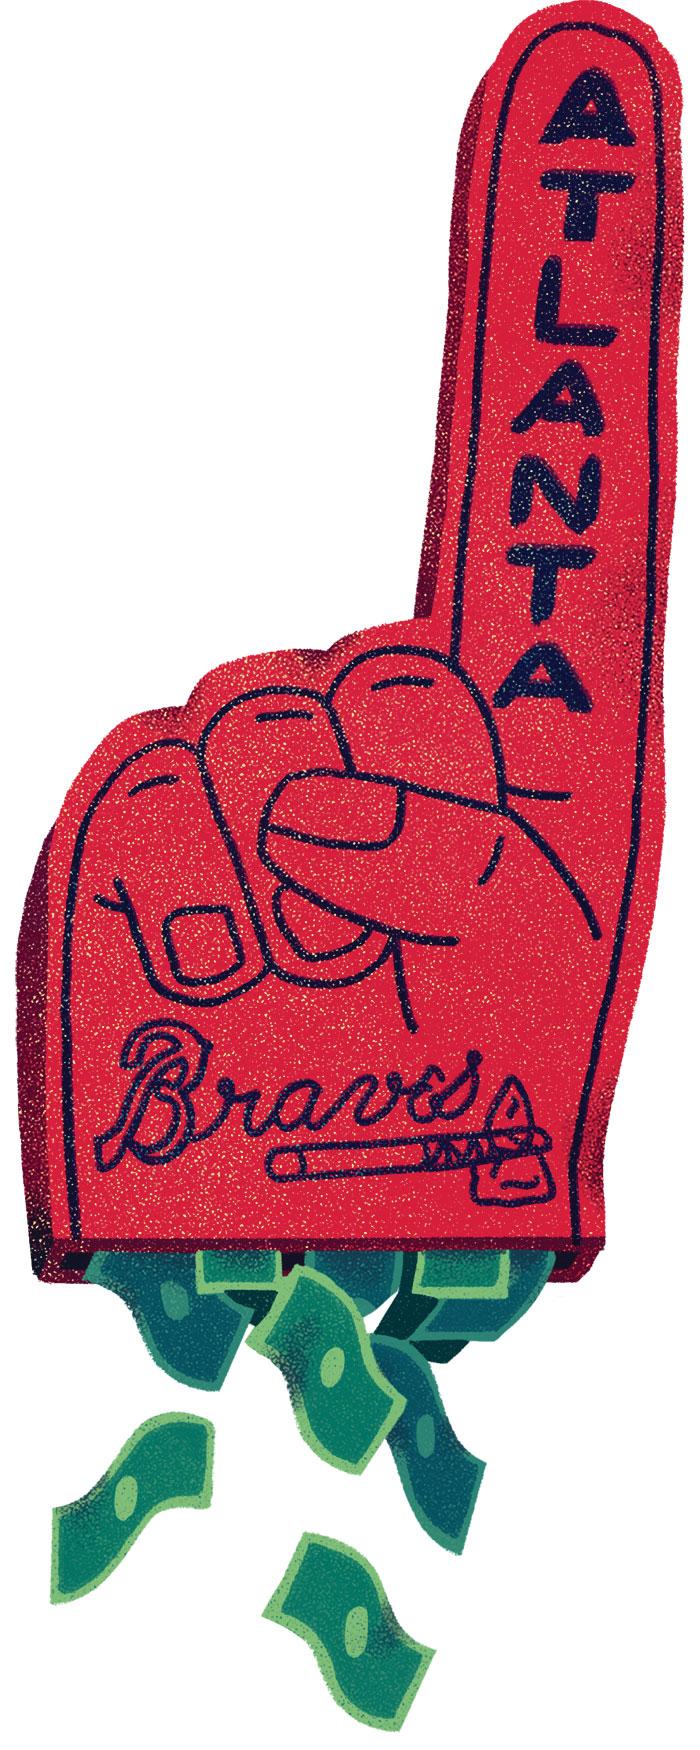 Braves foam finger